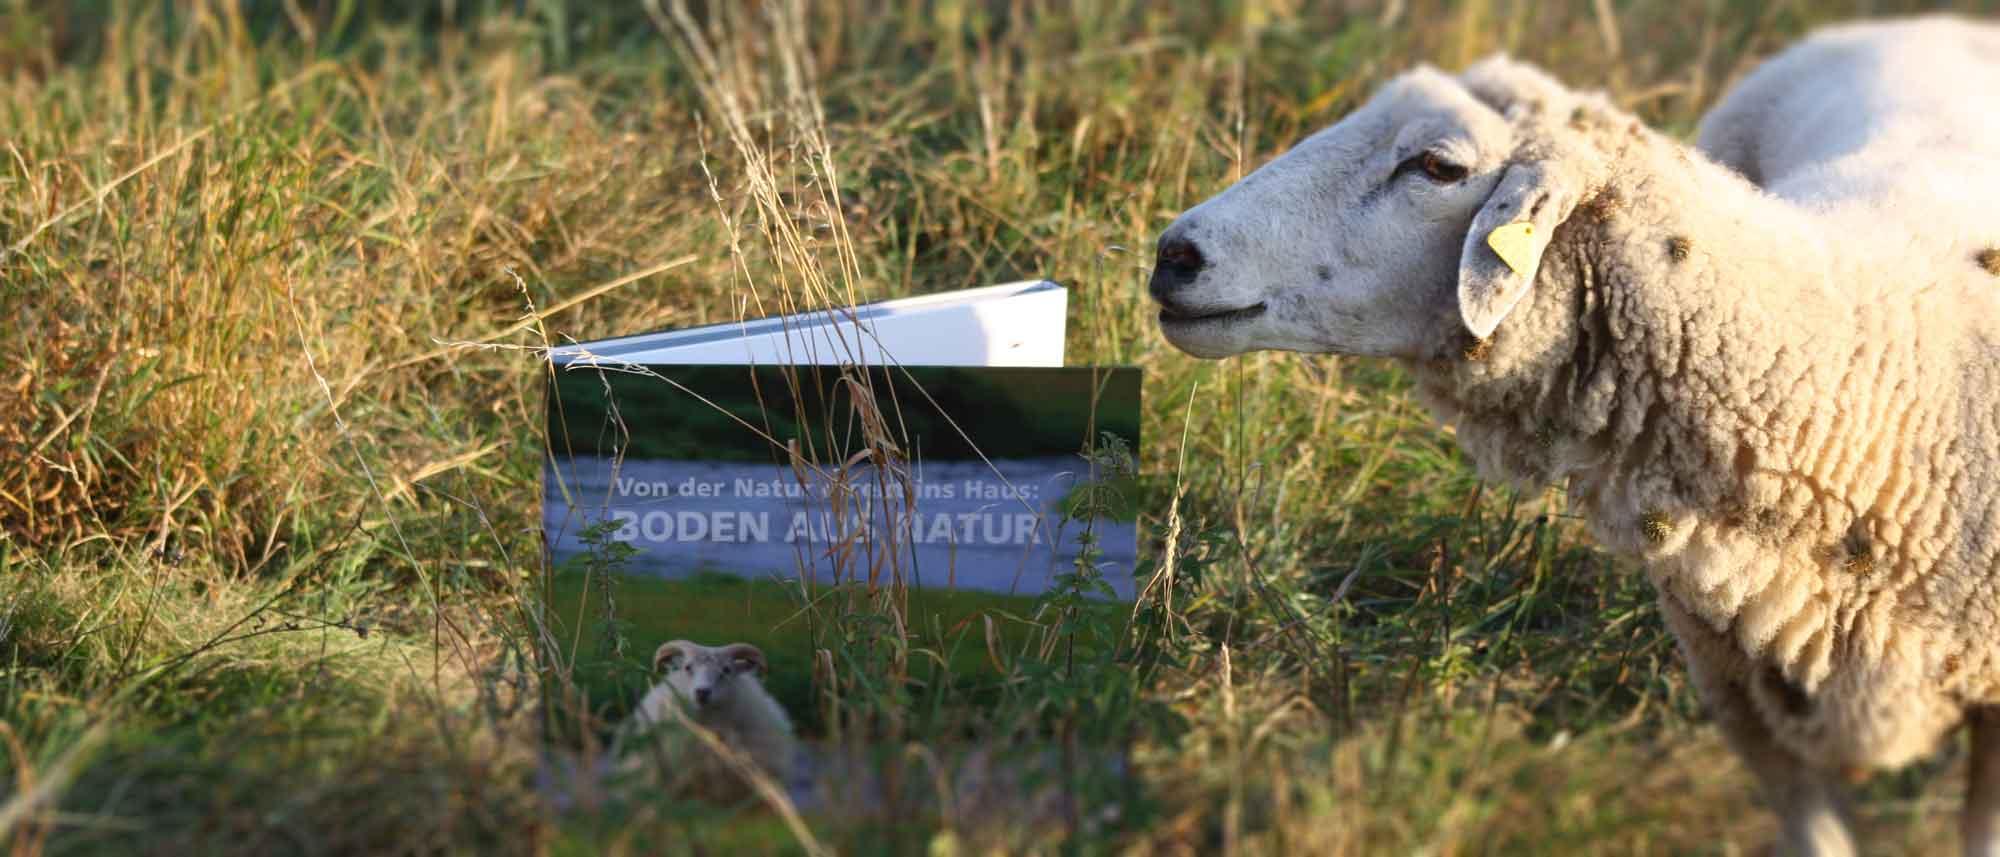 Schaf in der Wiese mit Teppichmuster